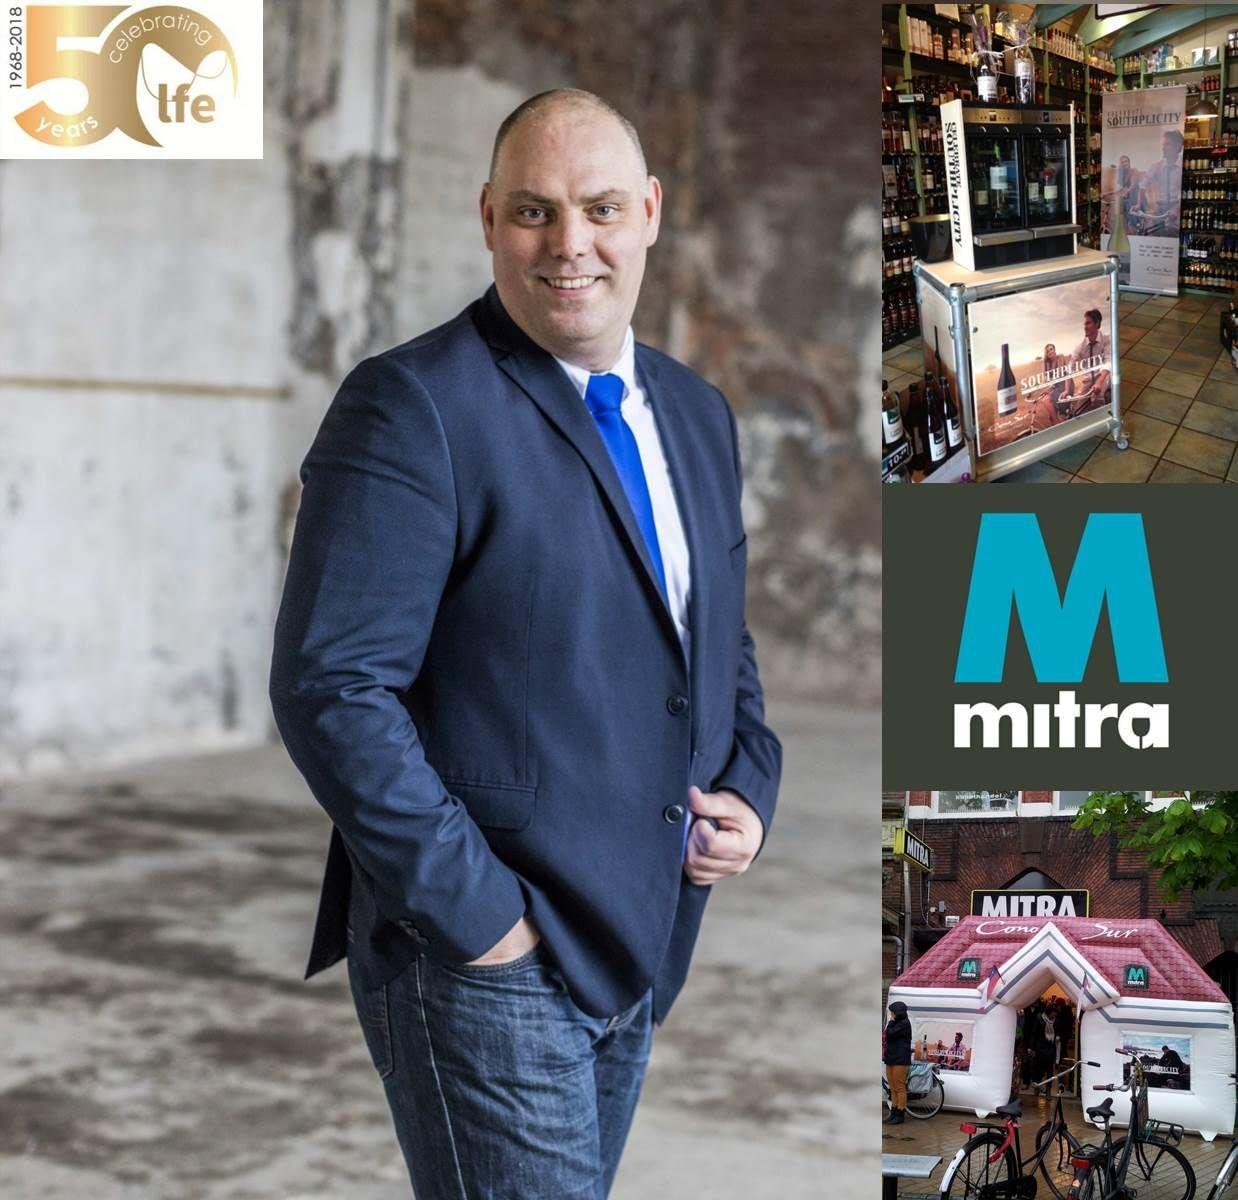 Marco Philipsen van Mitra drankenspeciaalzaken